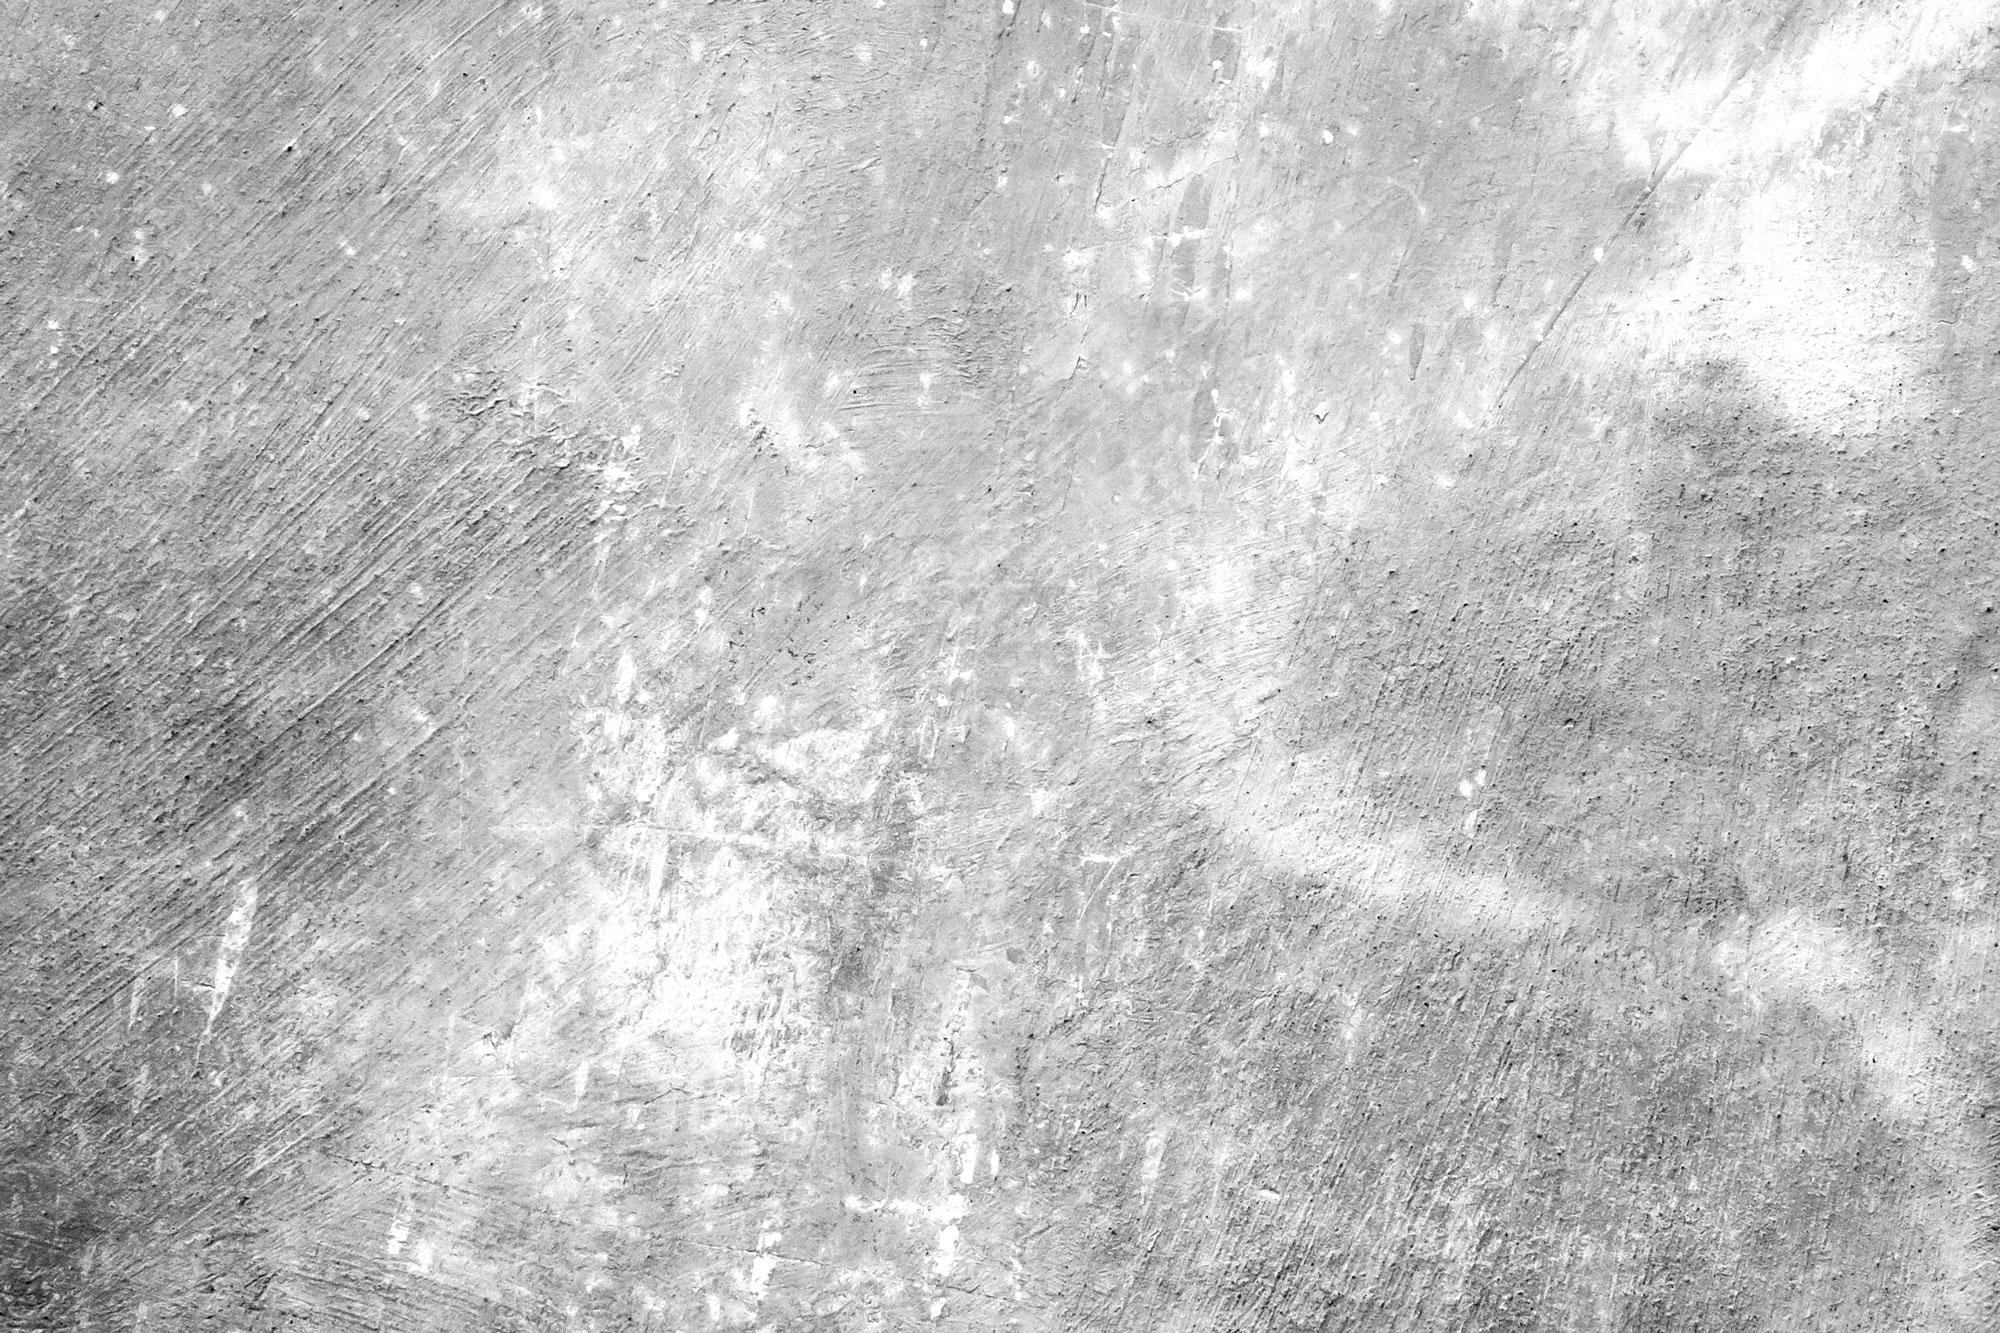 Фотография текстура бетона на чёрно - белой стене